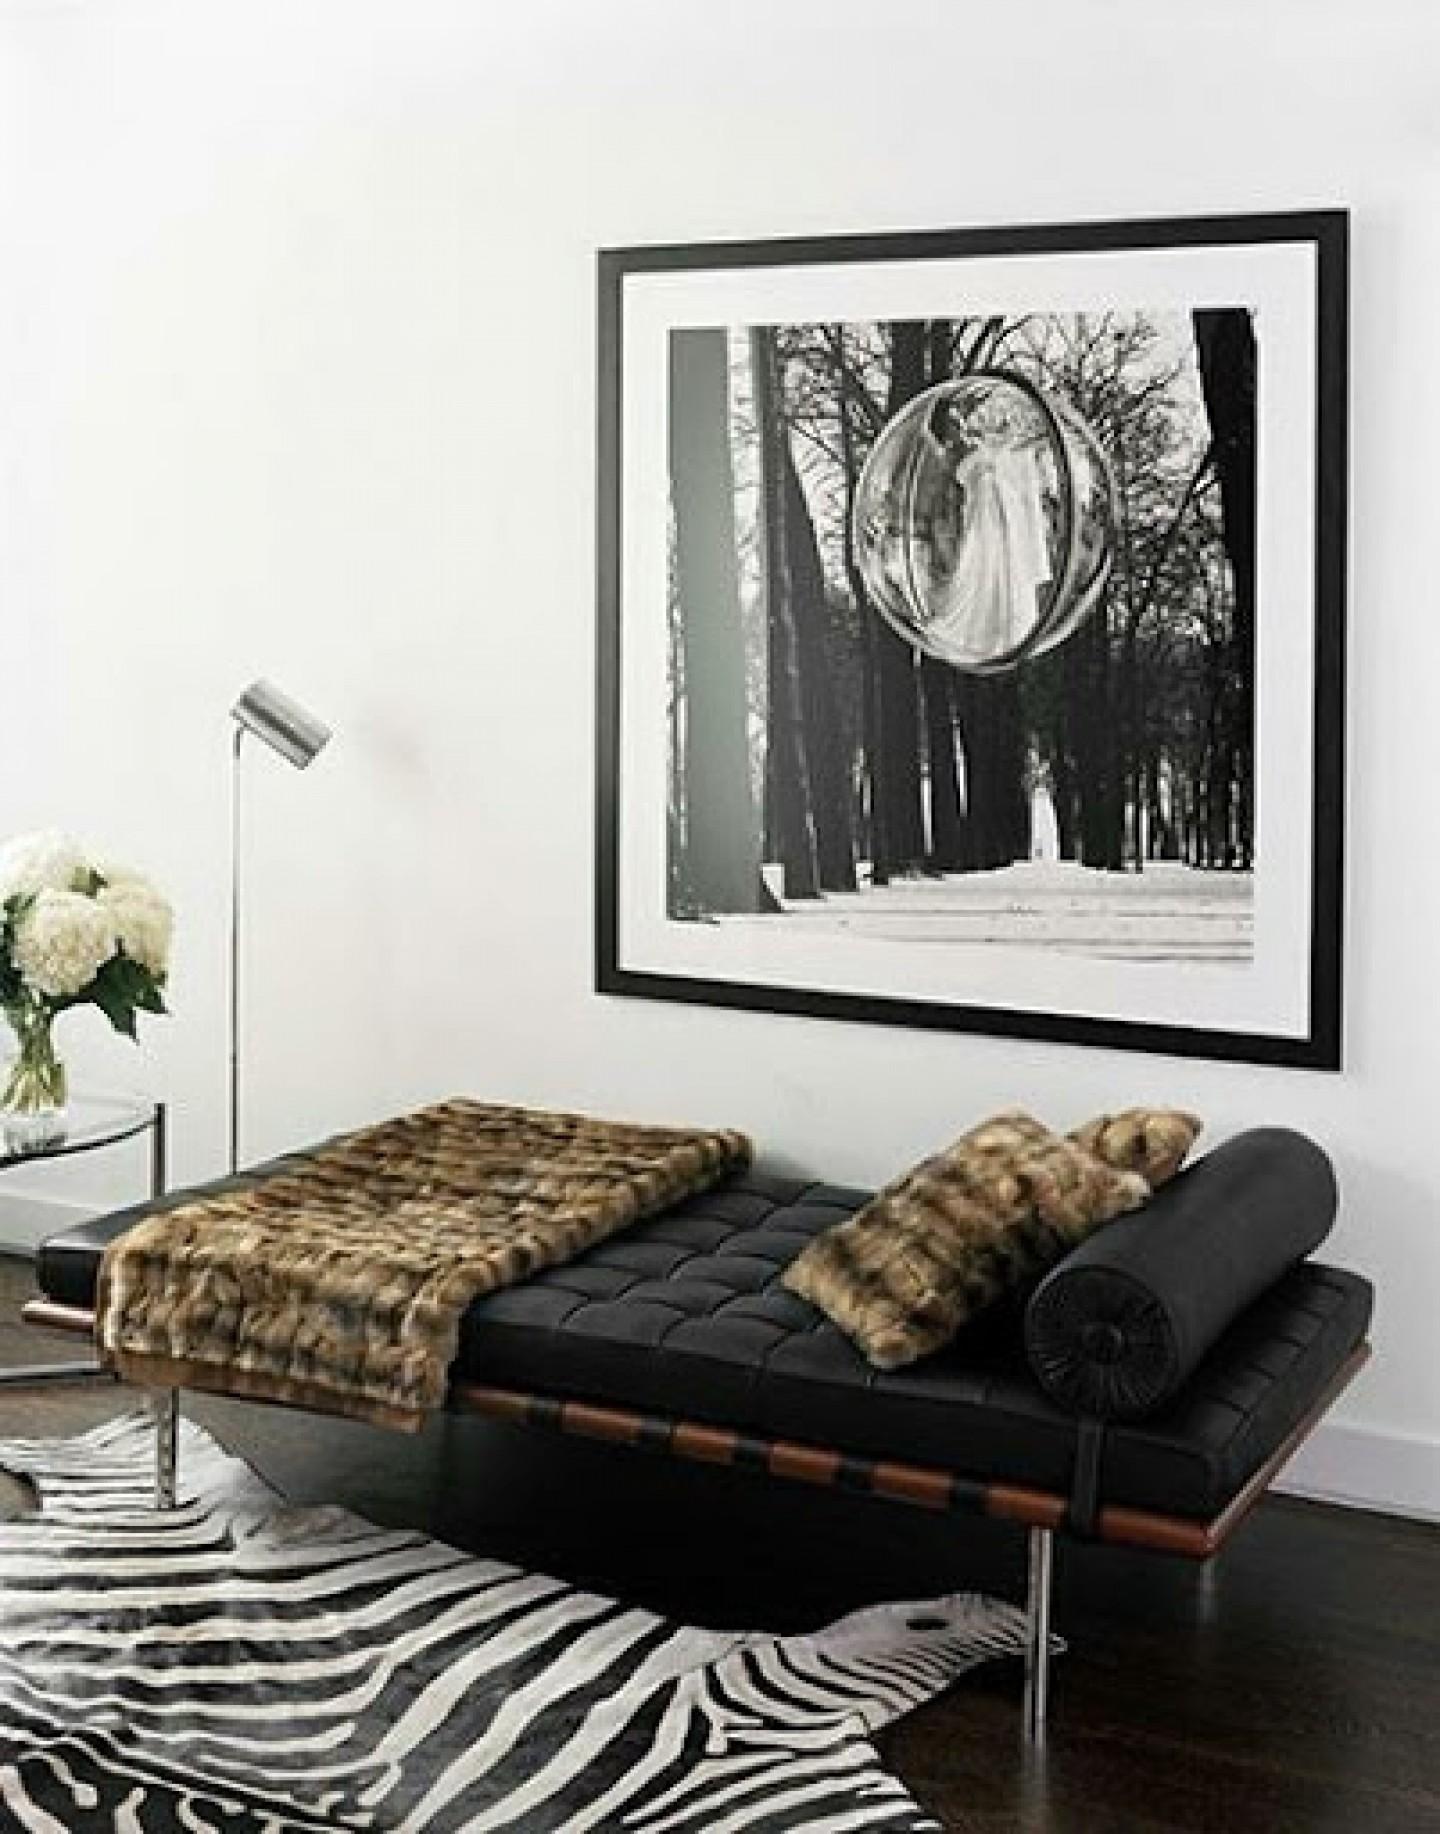 DIY (φτιάξτο μόνος σου) Barcelona Couch